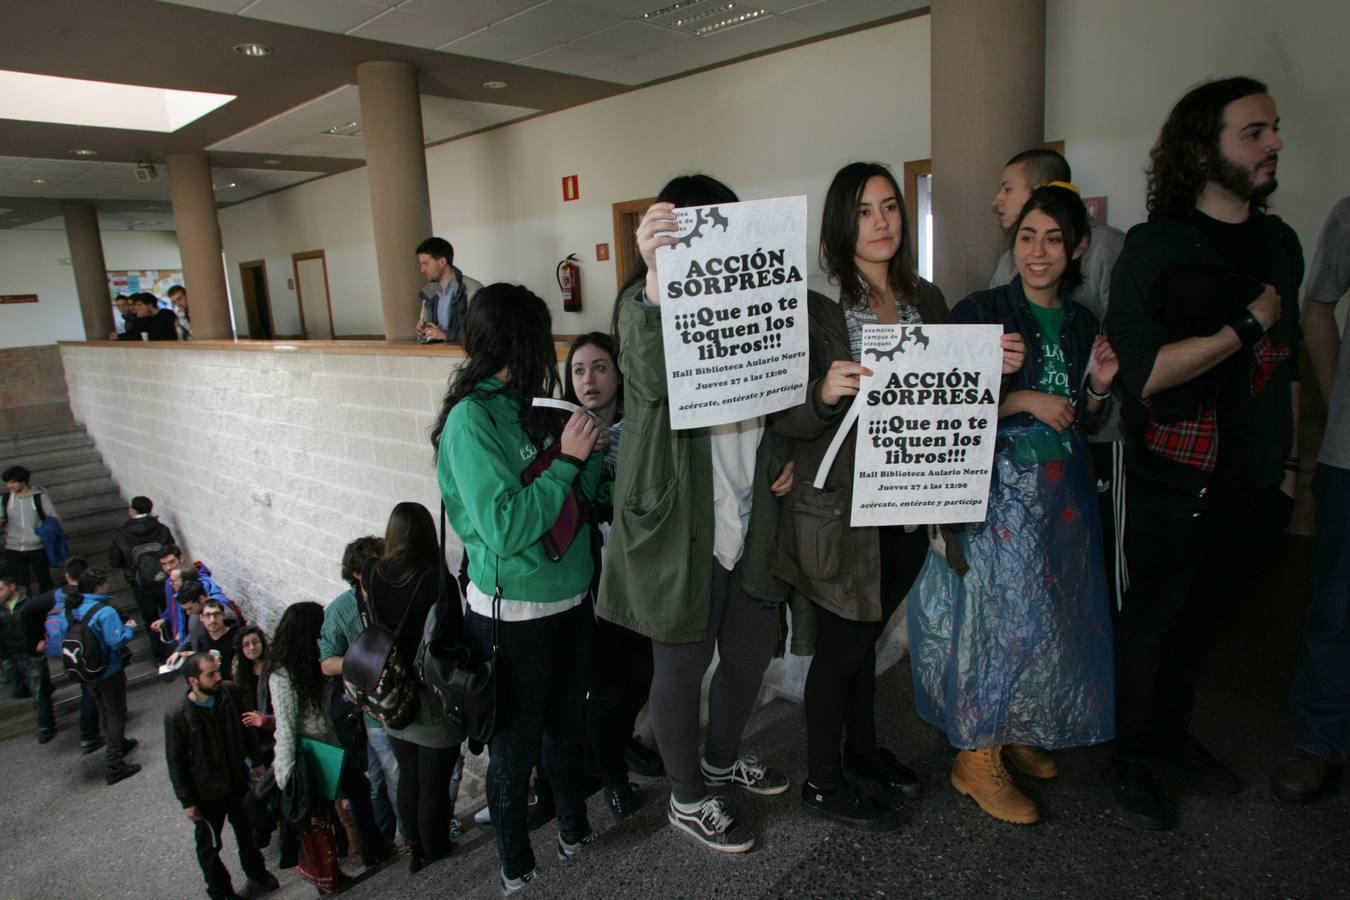 Los alumnos del campus de Gijón protestan por el cierre de la biblioteca